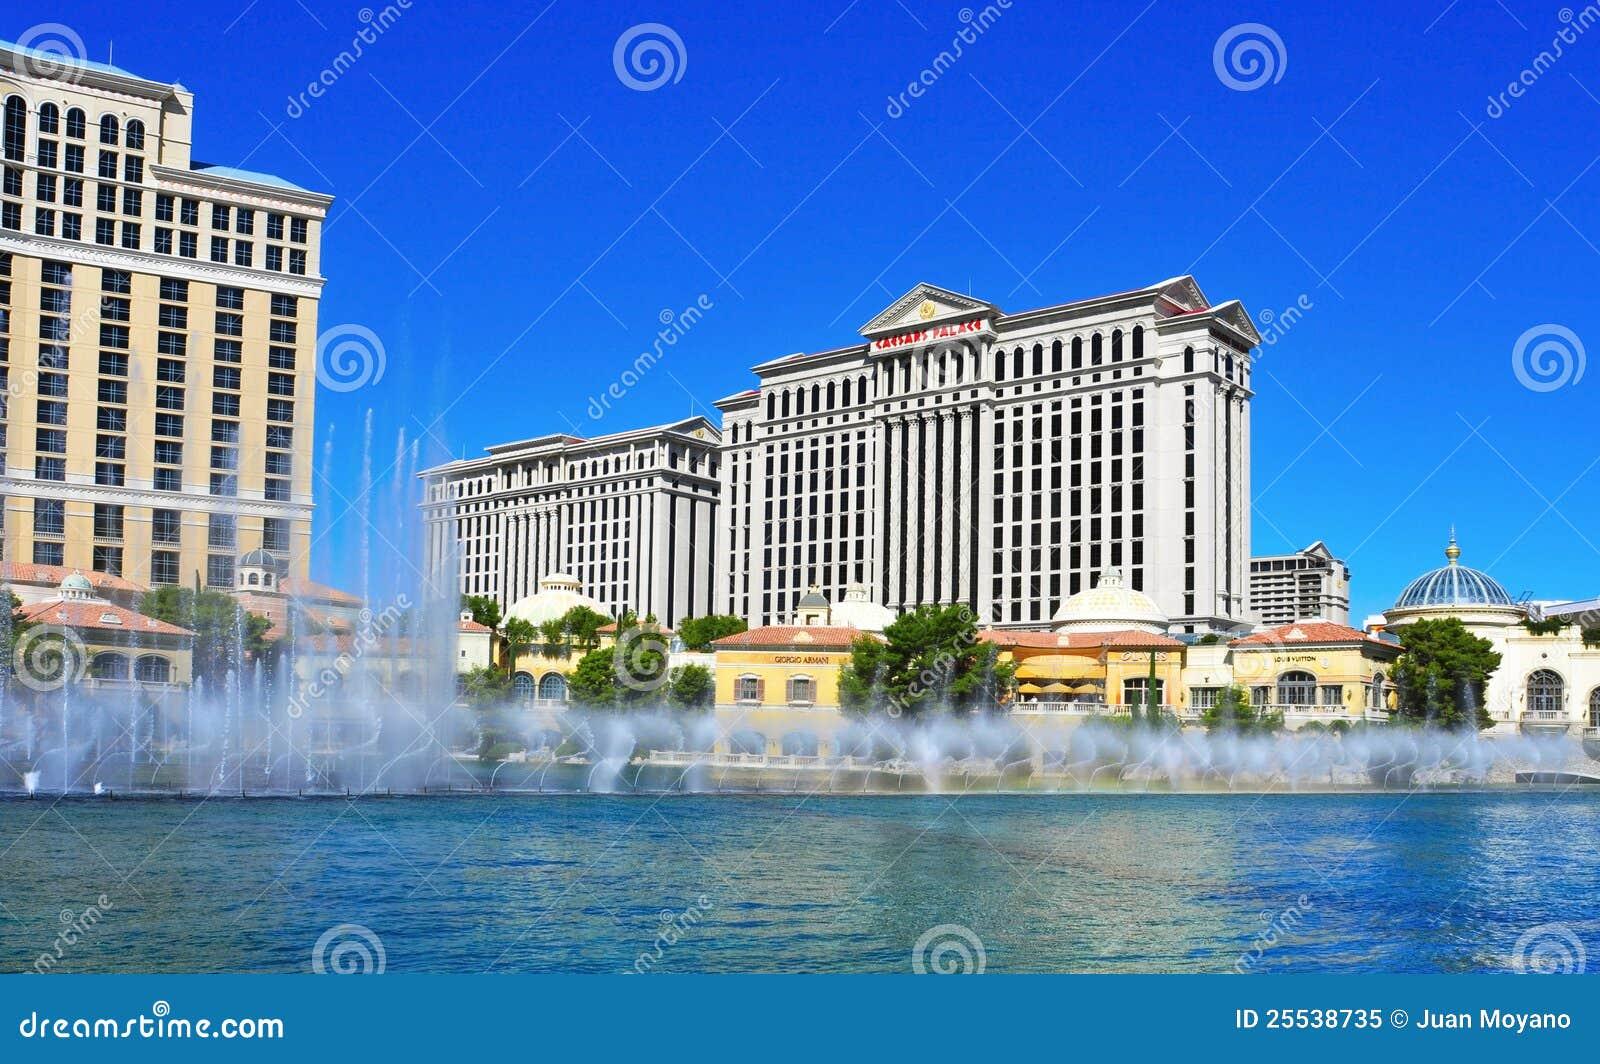 Fontes de Bellagio, Las Vegas, Estados Unidos